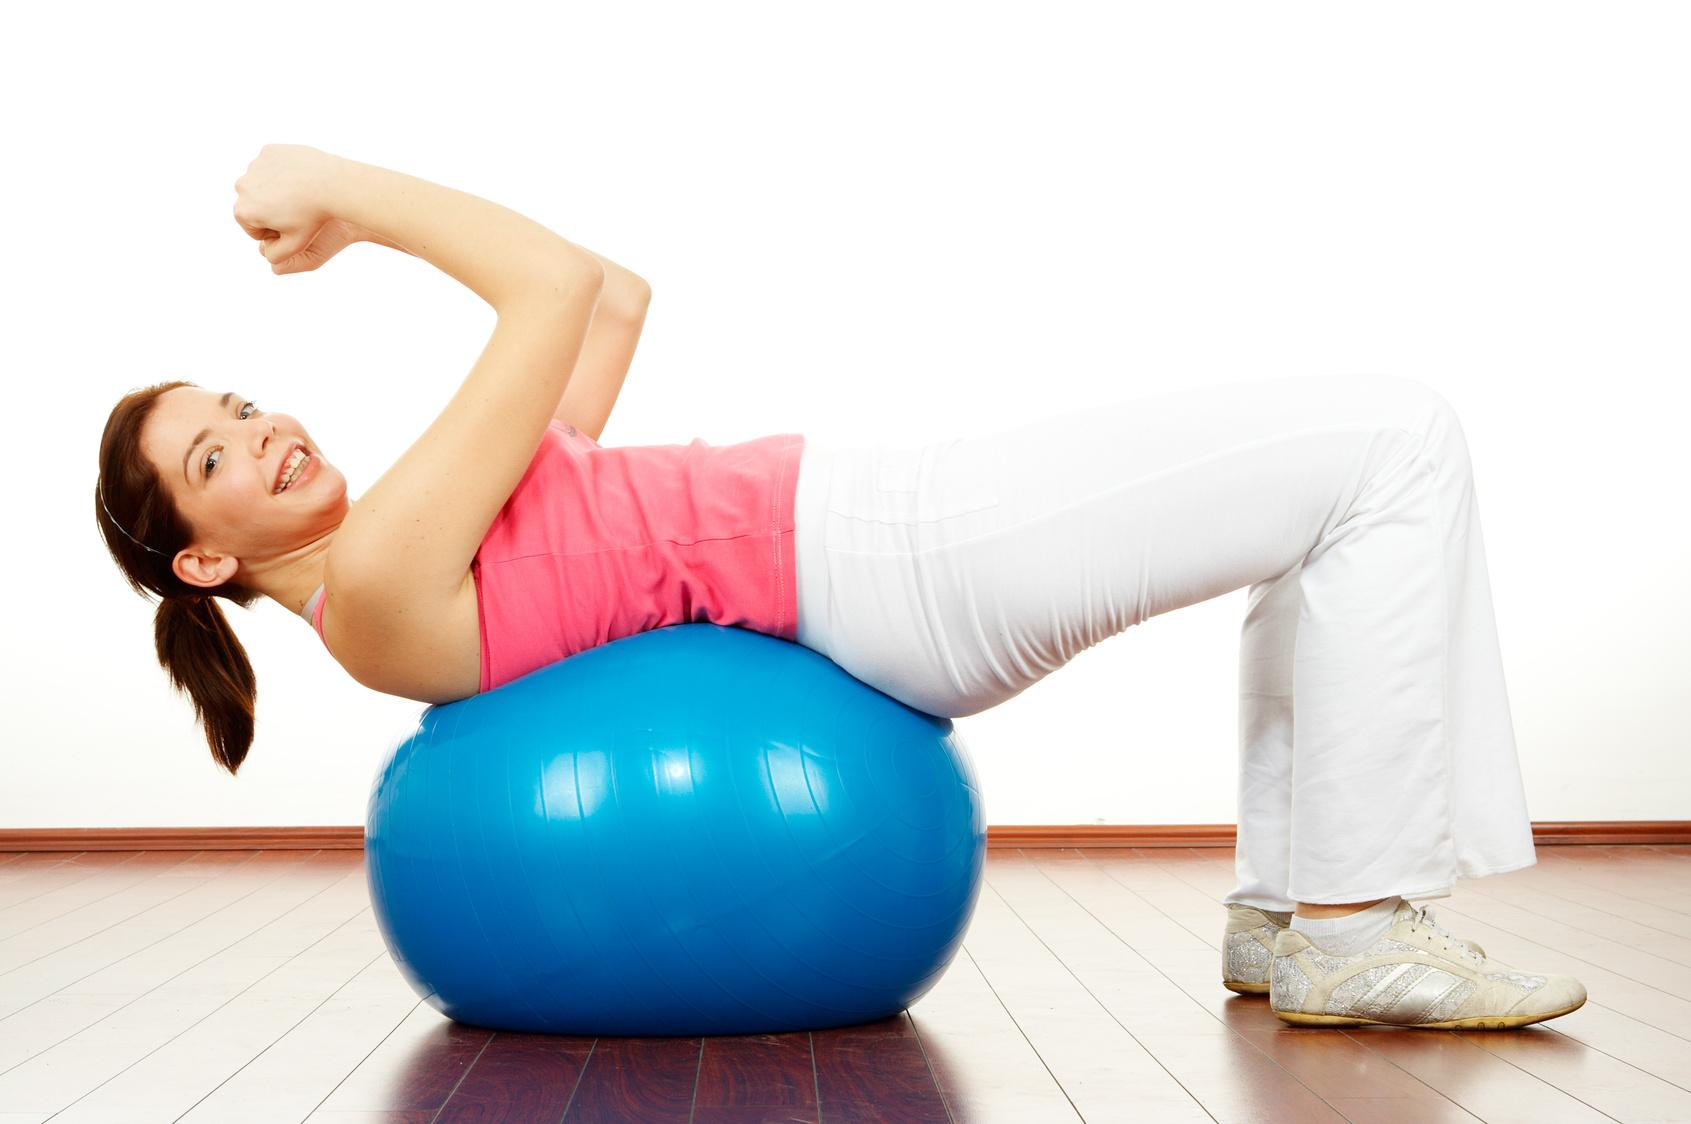 Fiatal lány gyakorlatot végez egy gumi labdán